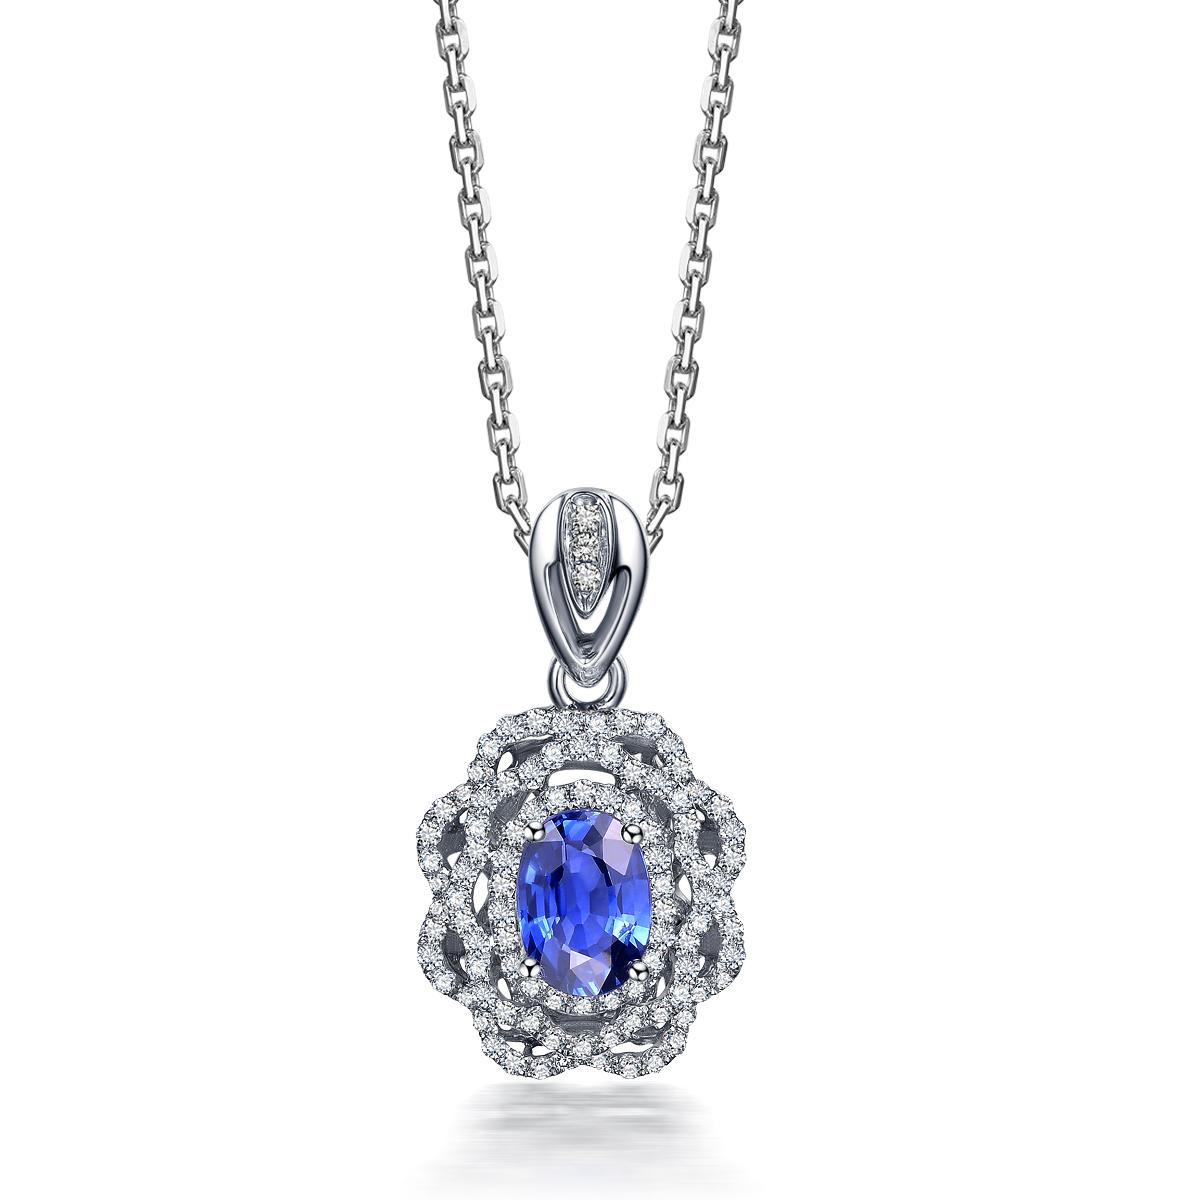 购买蓝宝石需要了解哪些知识